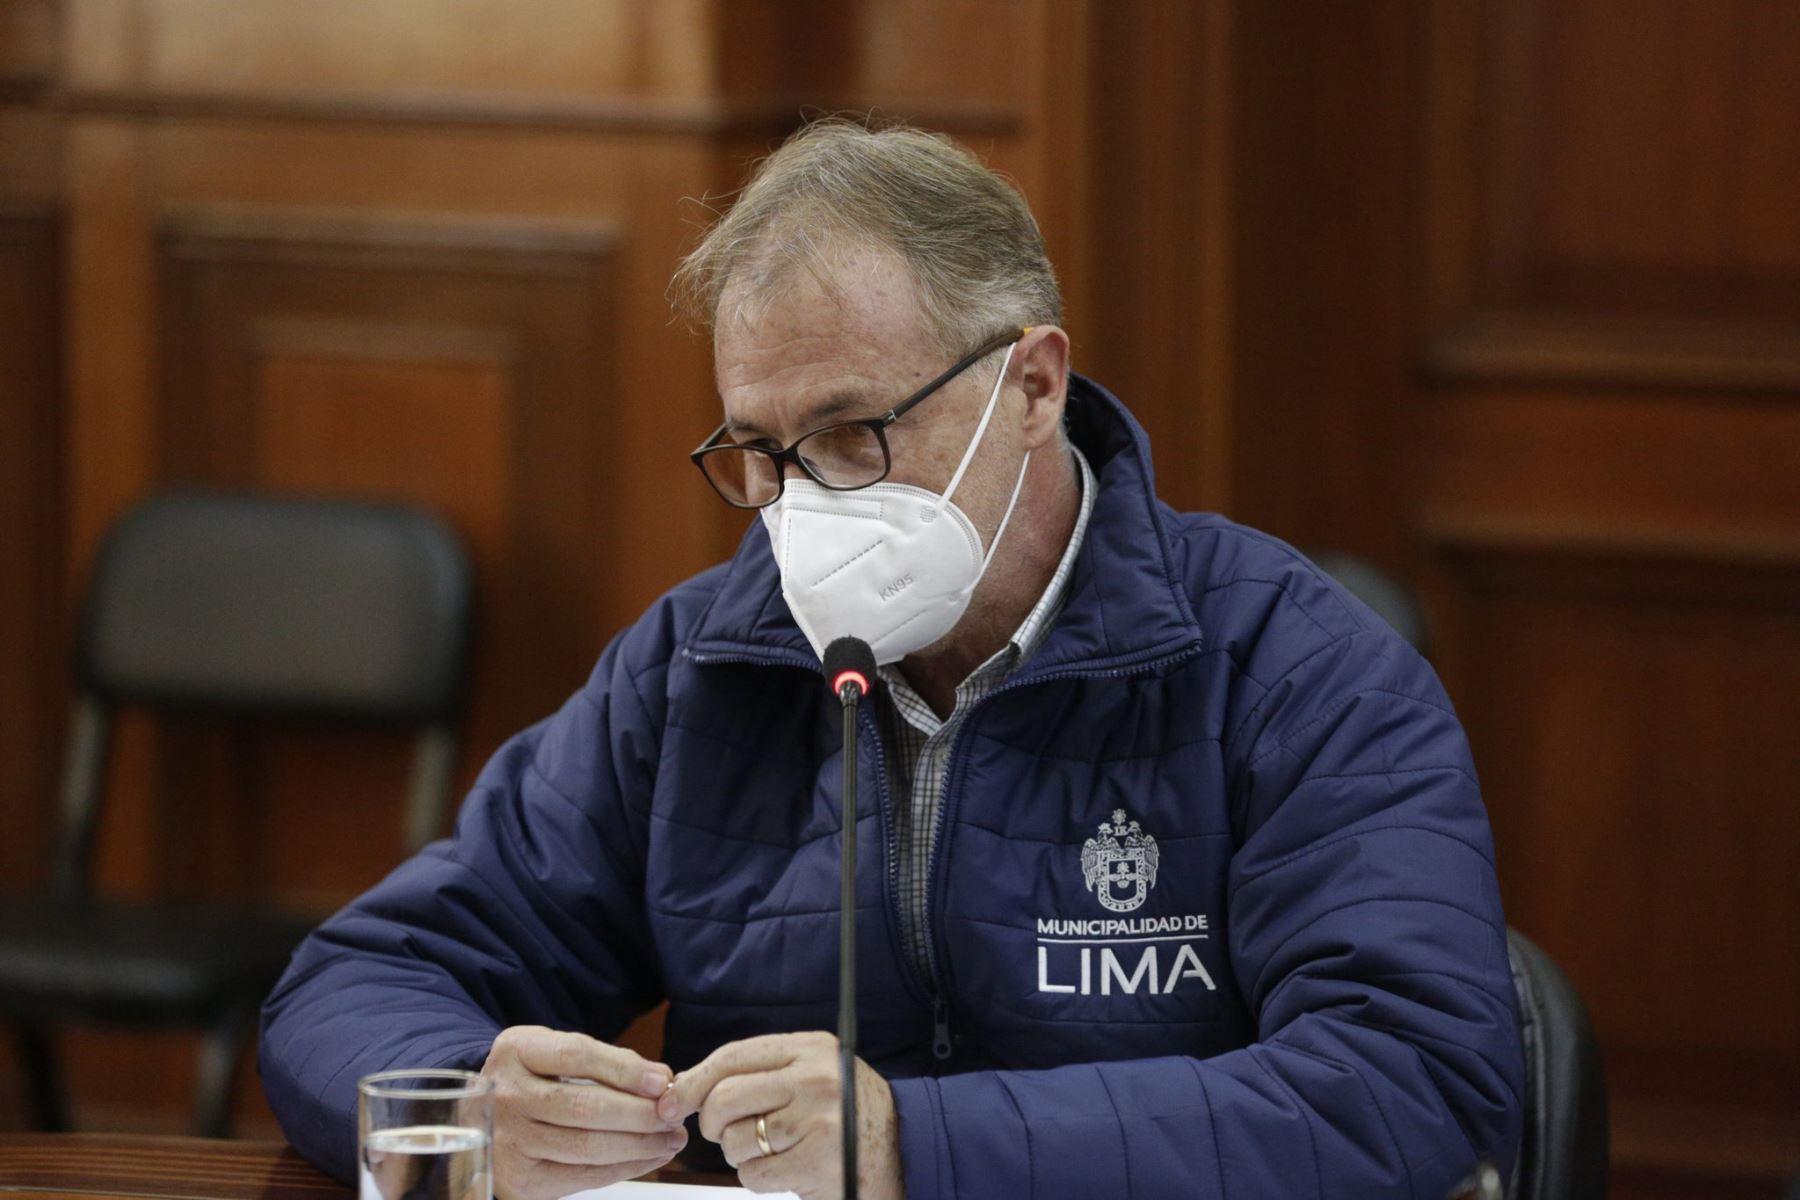 Titular de la PCM, Vicente Zeballos  se reúne con el alcalde de la Municipalidad Metropolitana de Lima, Jorge Muñoz  para establecer medidas que permitan mitigar el impacto del covid -19 en el servicio que brindan el Metropolitano y los corredores complementarios. Foto: PCM